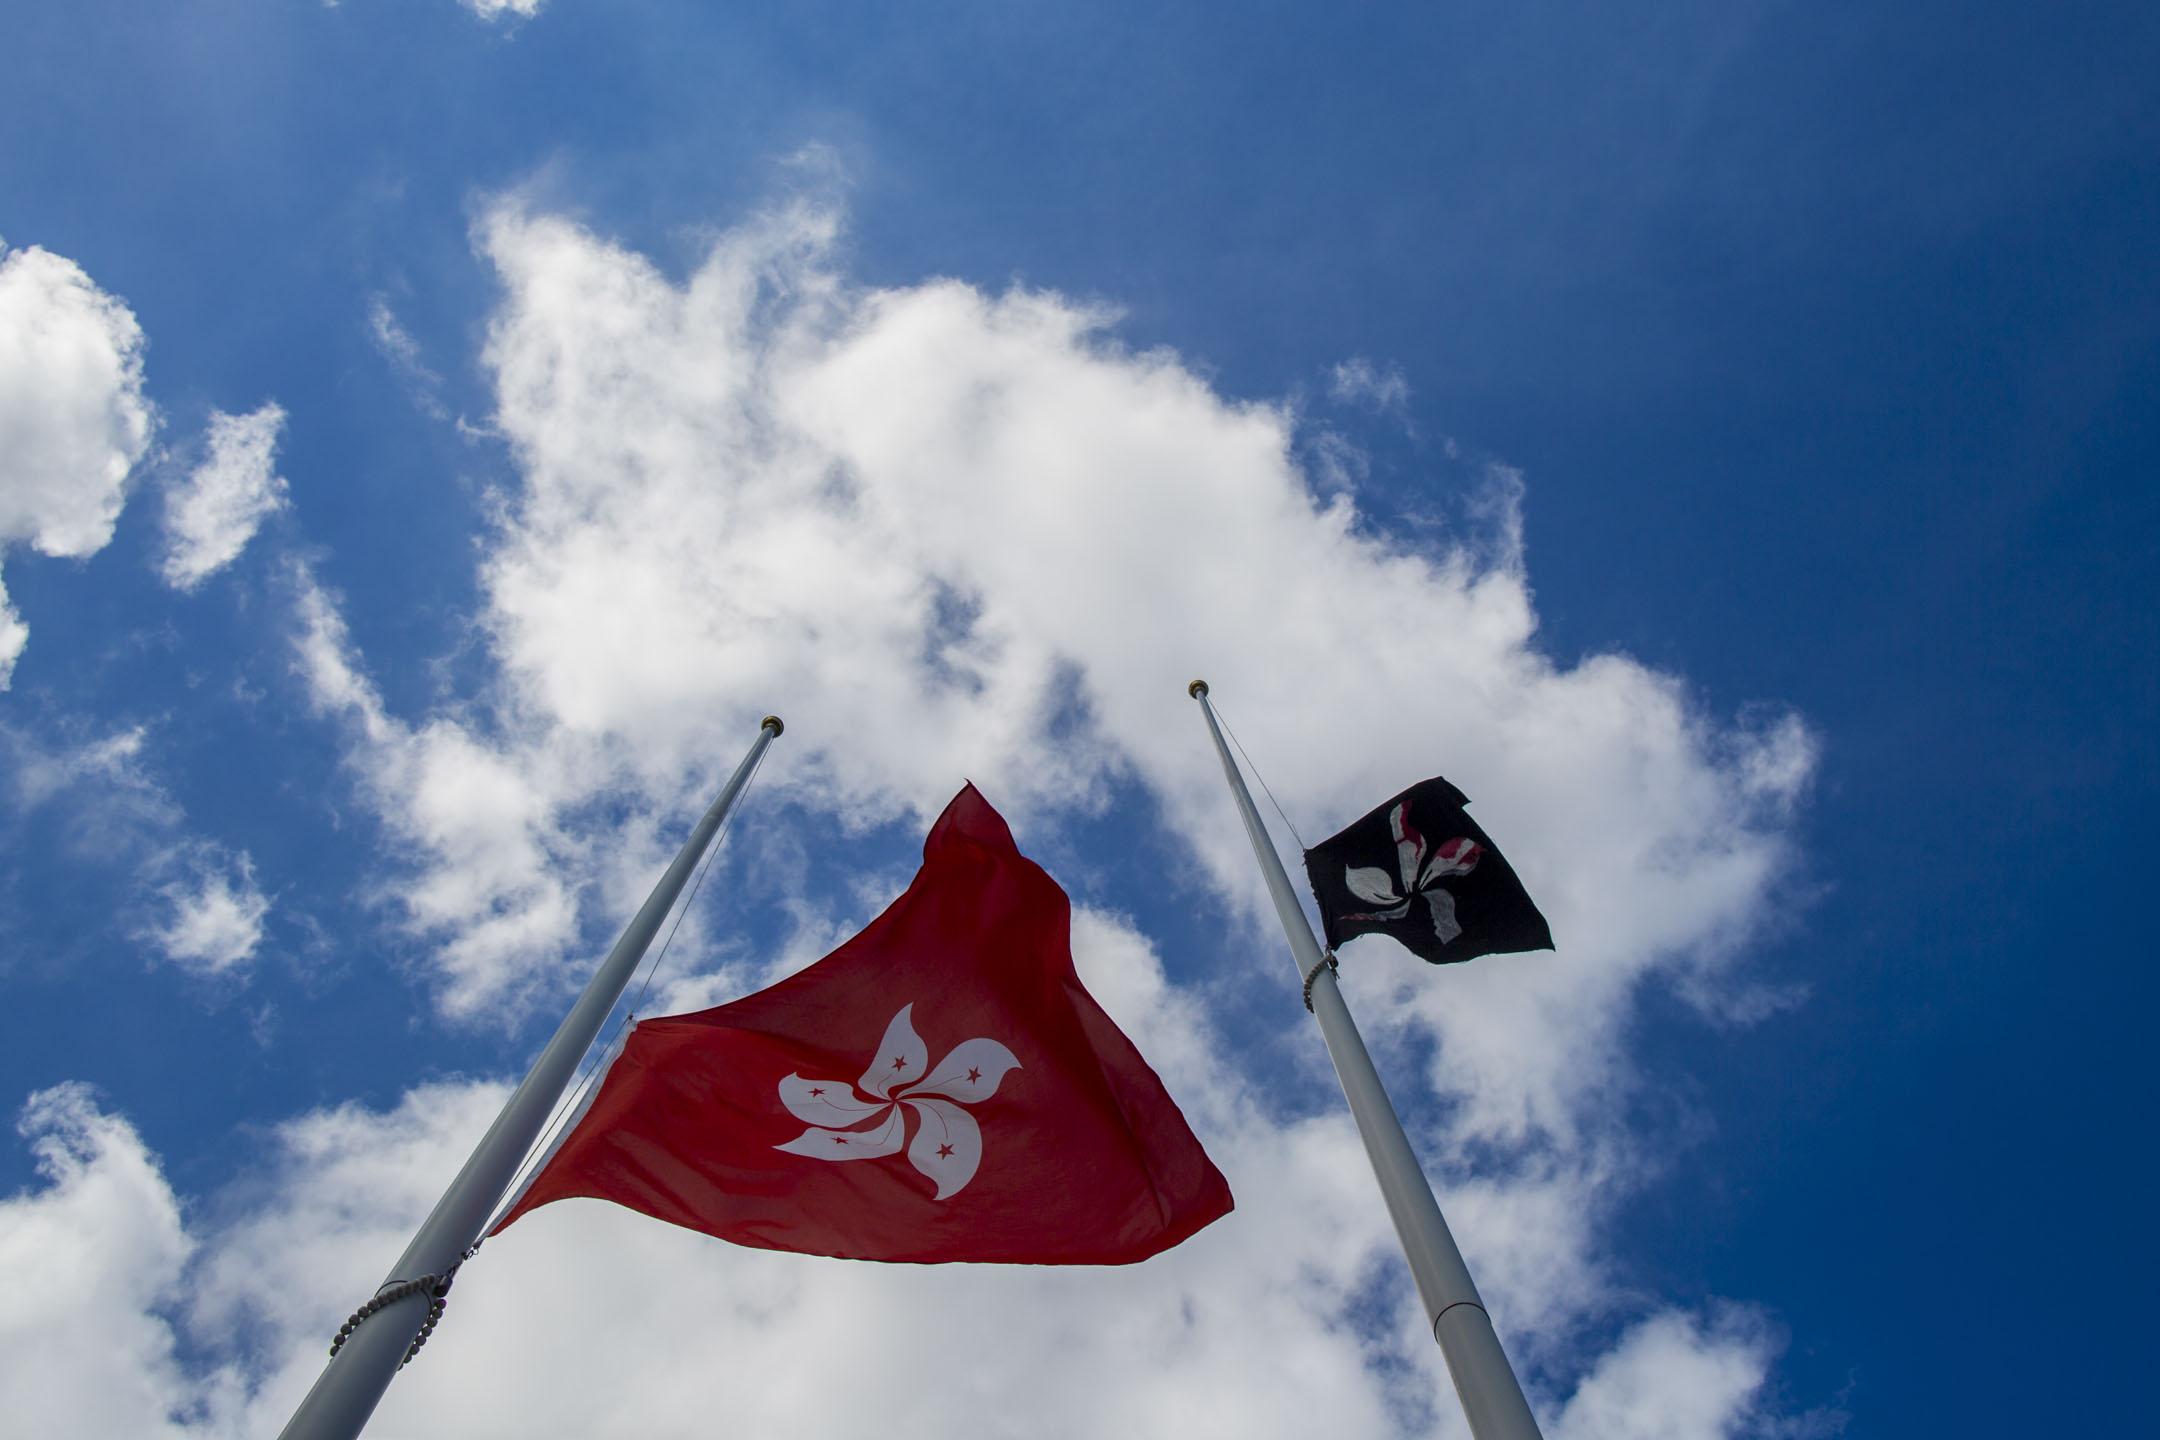 2019年7月1日,立法會廣場外旗杆上懸掛的國旗被人換上黑旗,特區區旗則被下半旗。 攝:林振東/端傳媒